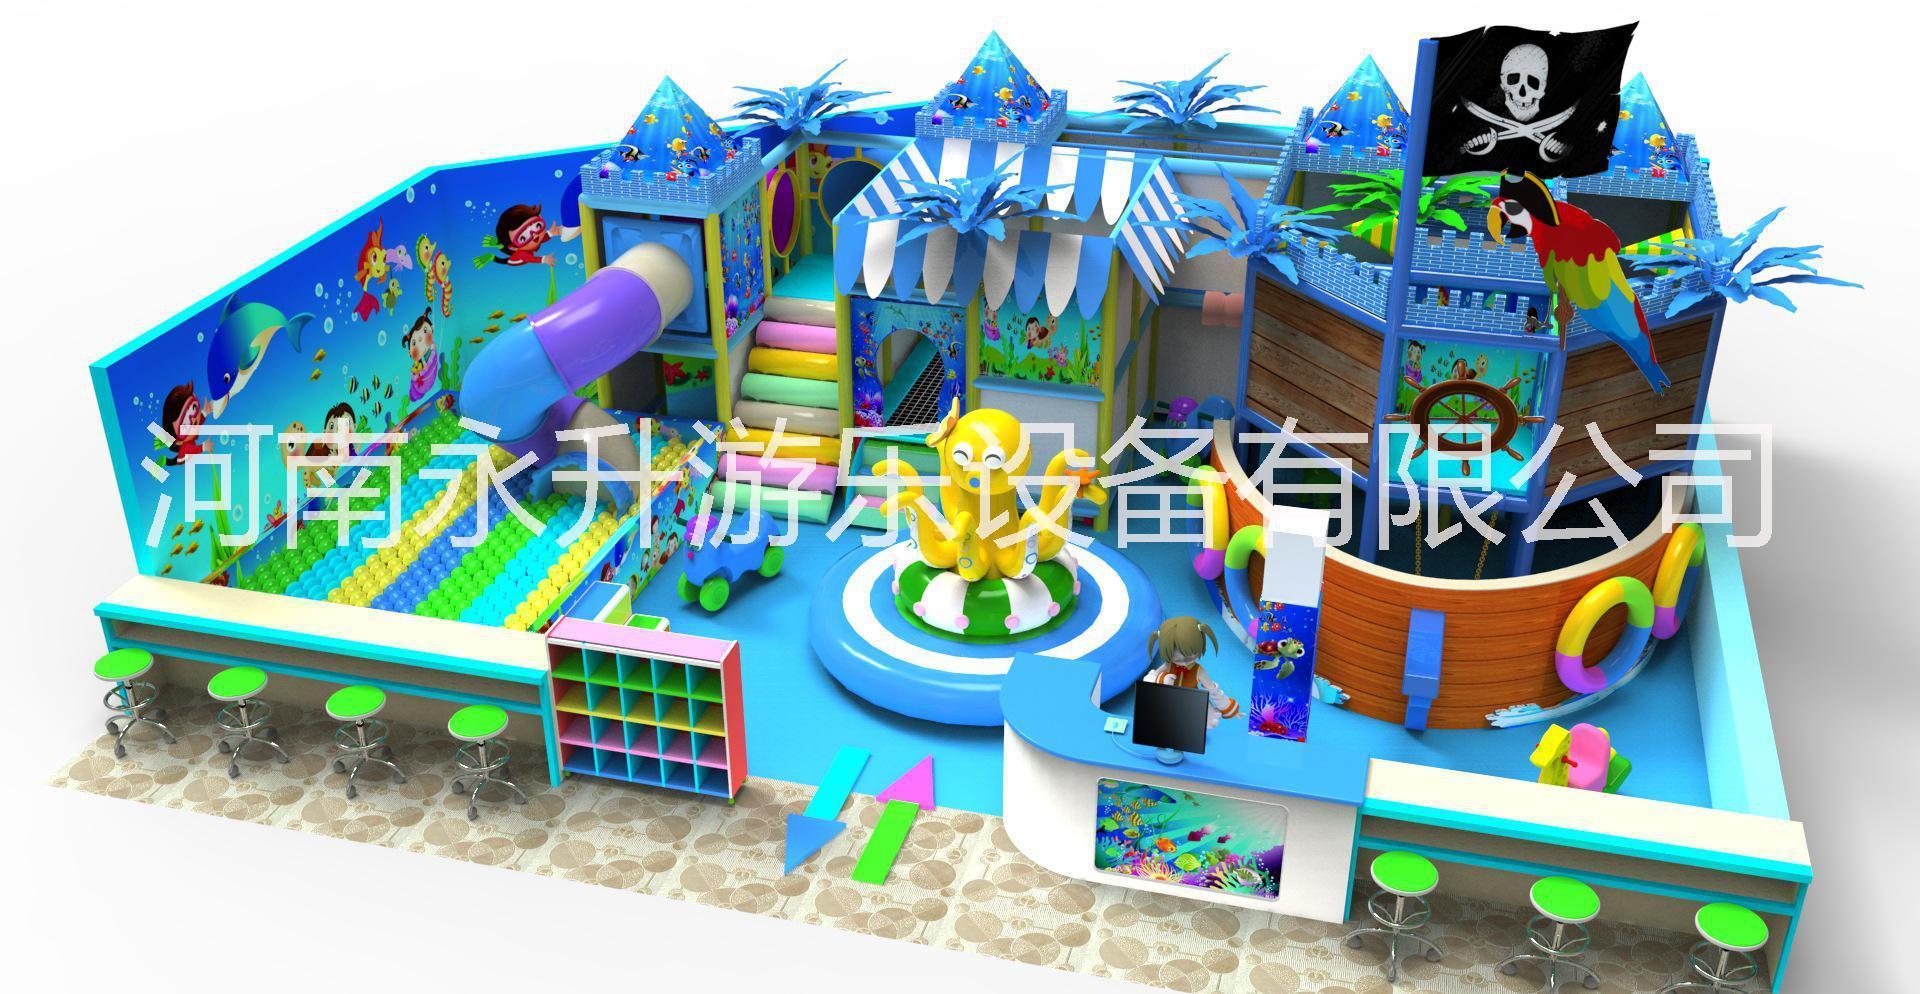 幼儿园早教设施 儿童乐园淘气堡